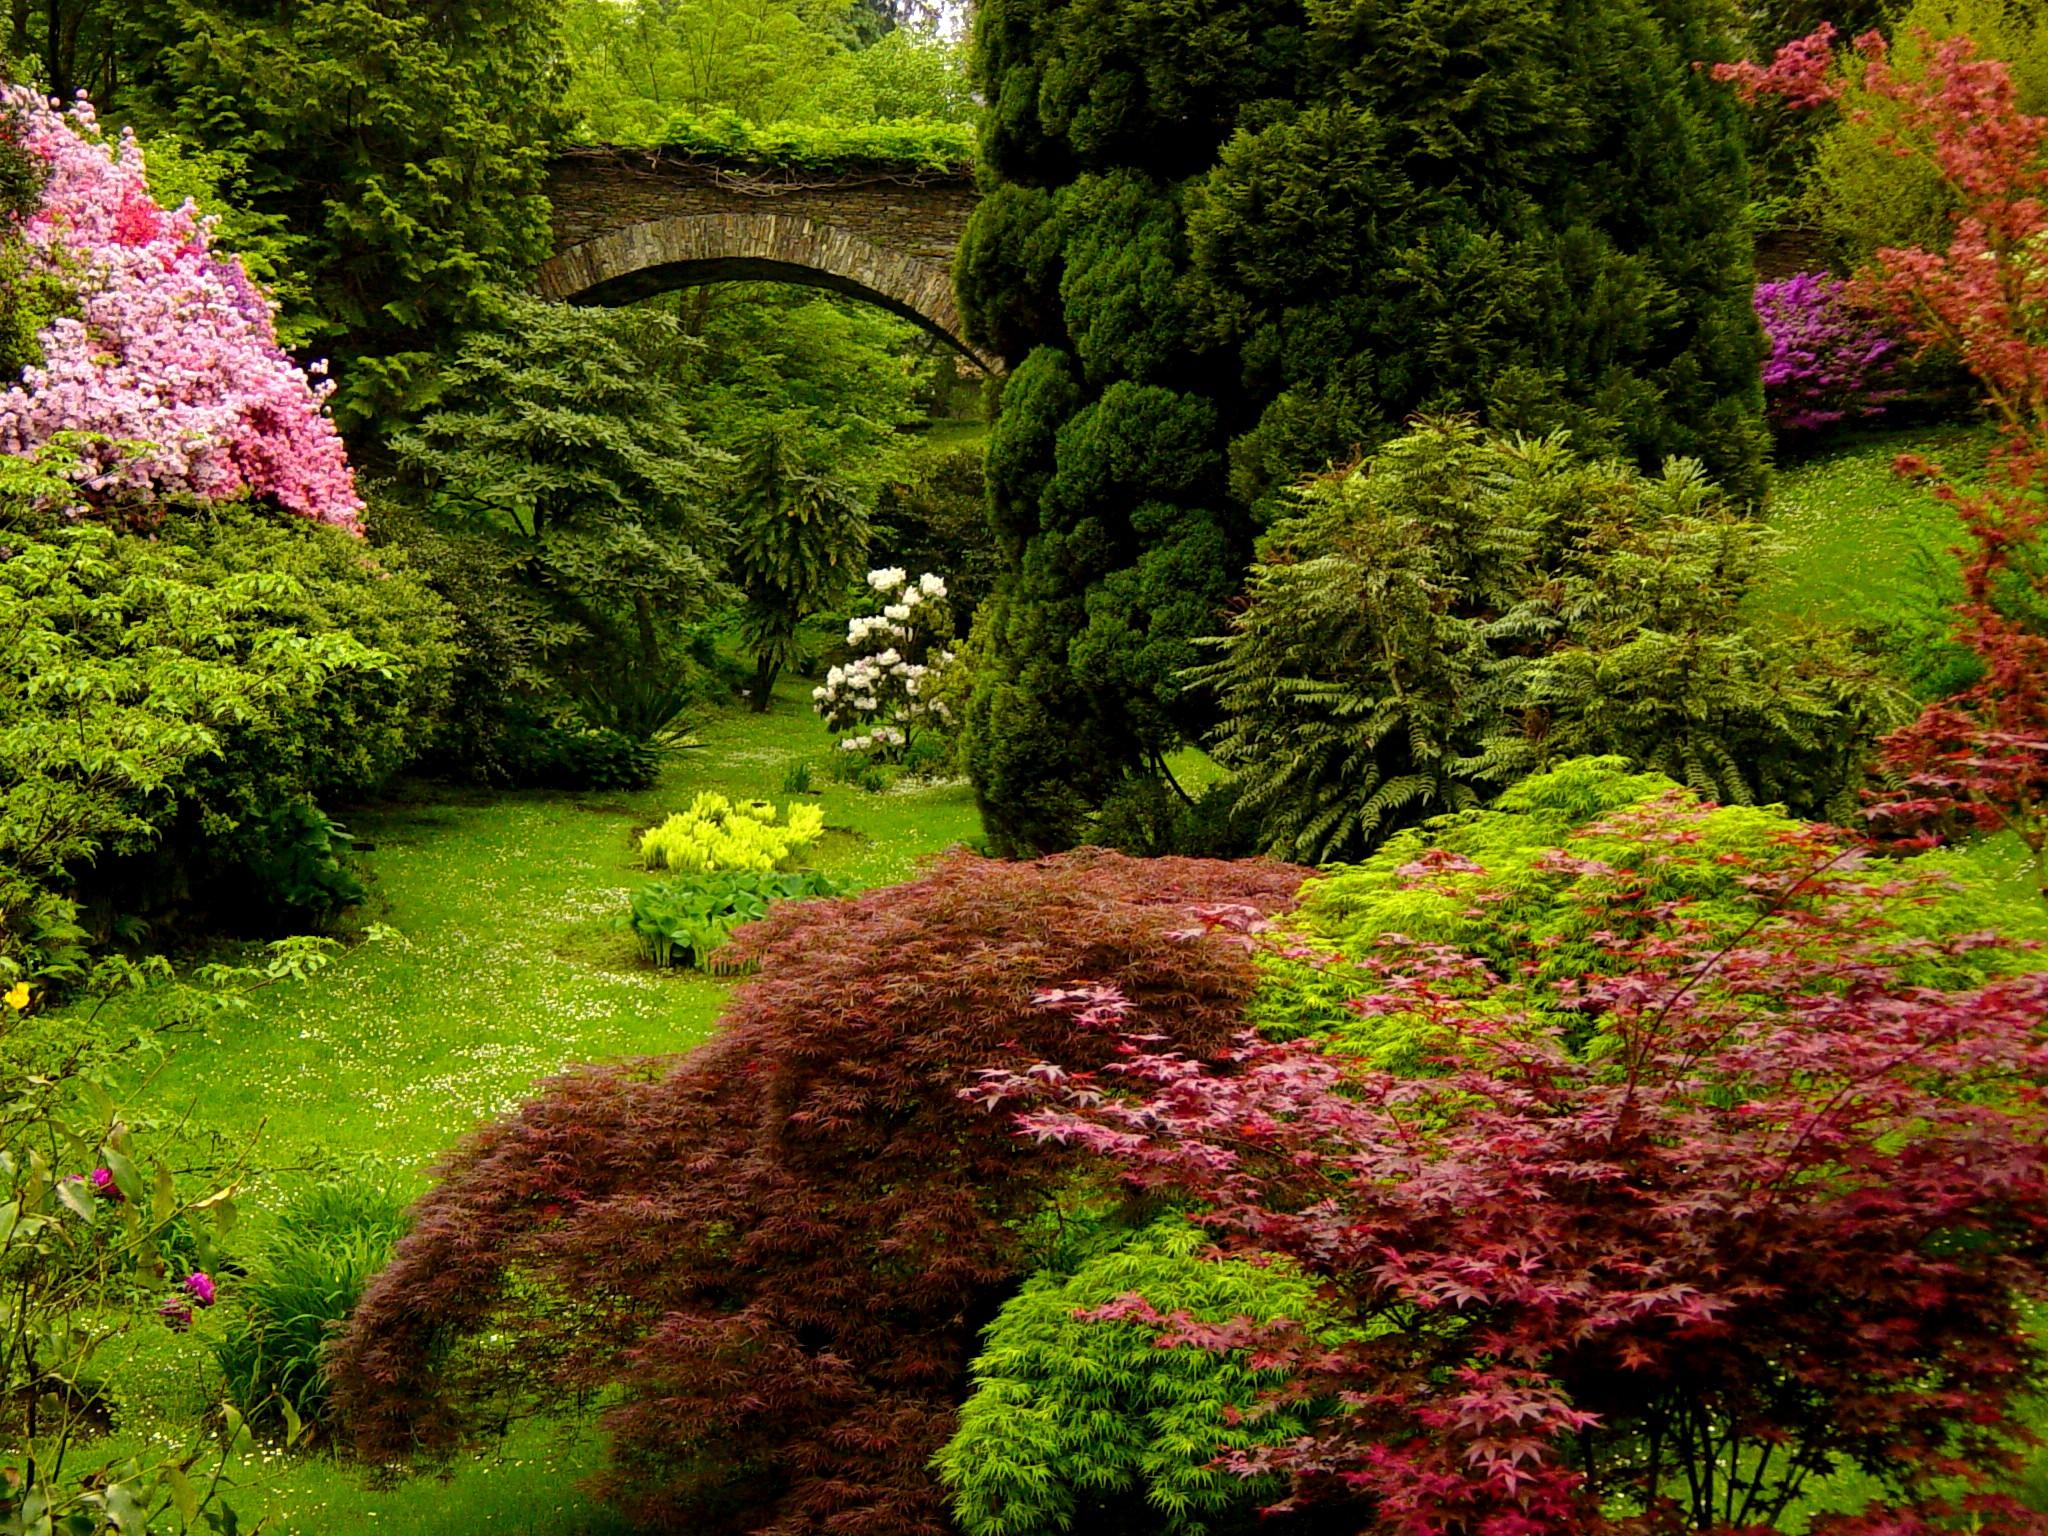 Ente giardini botanici Villa Taranto – Lago Maggiore